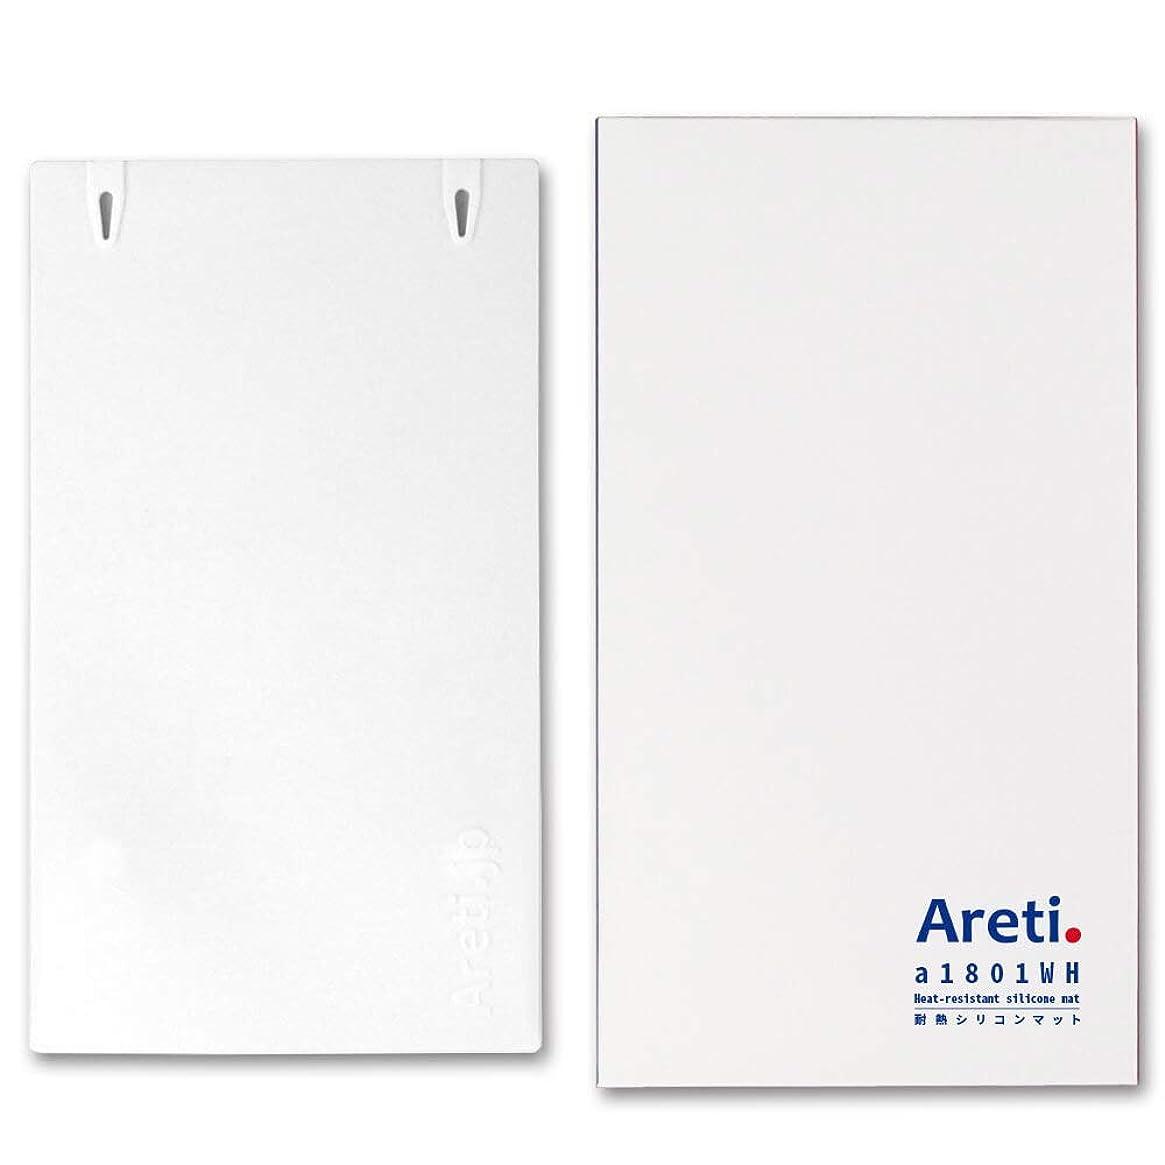 引退したデンマーク前進Areti【日本公式販売品】ヘアアイロン用 耐熱マット アイロン置き シリコン コード収納 旅行 出張 携帯 持ち運びに便利